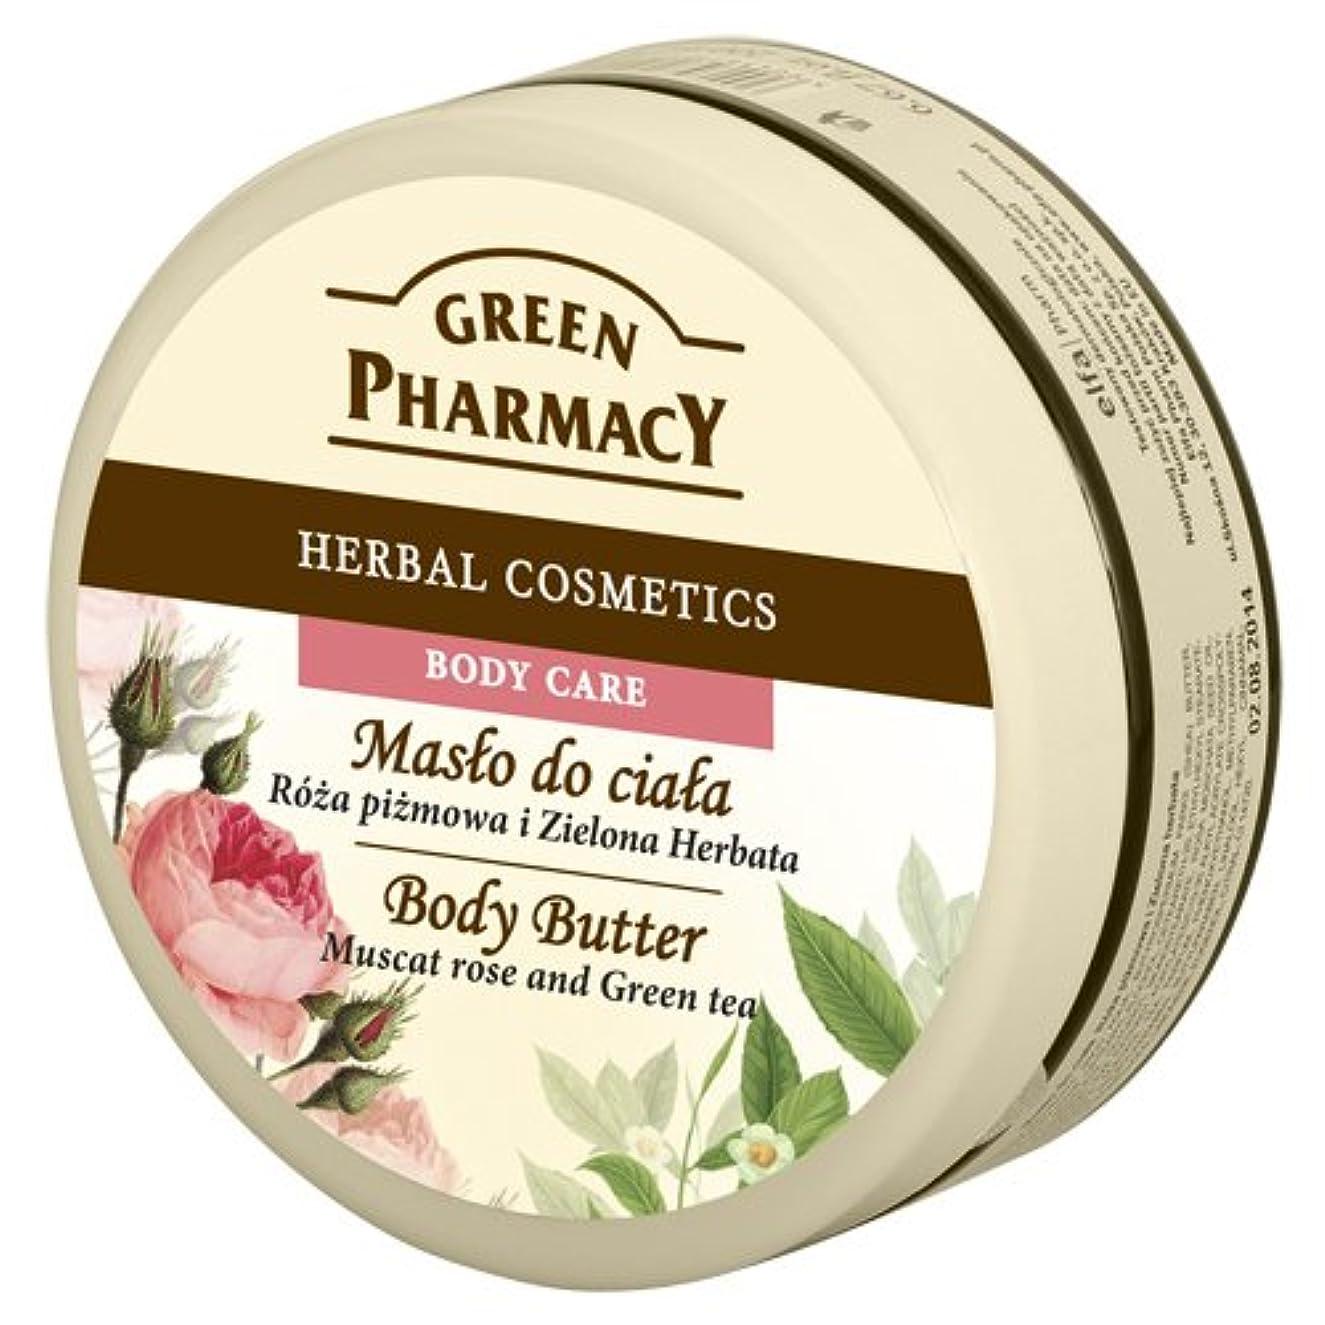 非武装化レーザ縮約Elfa Pharm Green Pharmacy グリーンファーマシー Body Butter ボディバター Muscat Rose and Green Tea